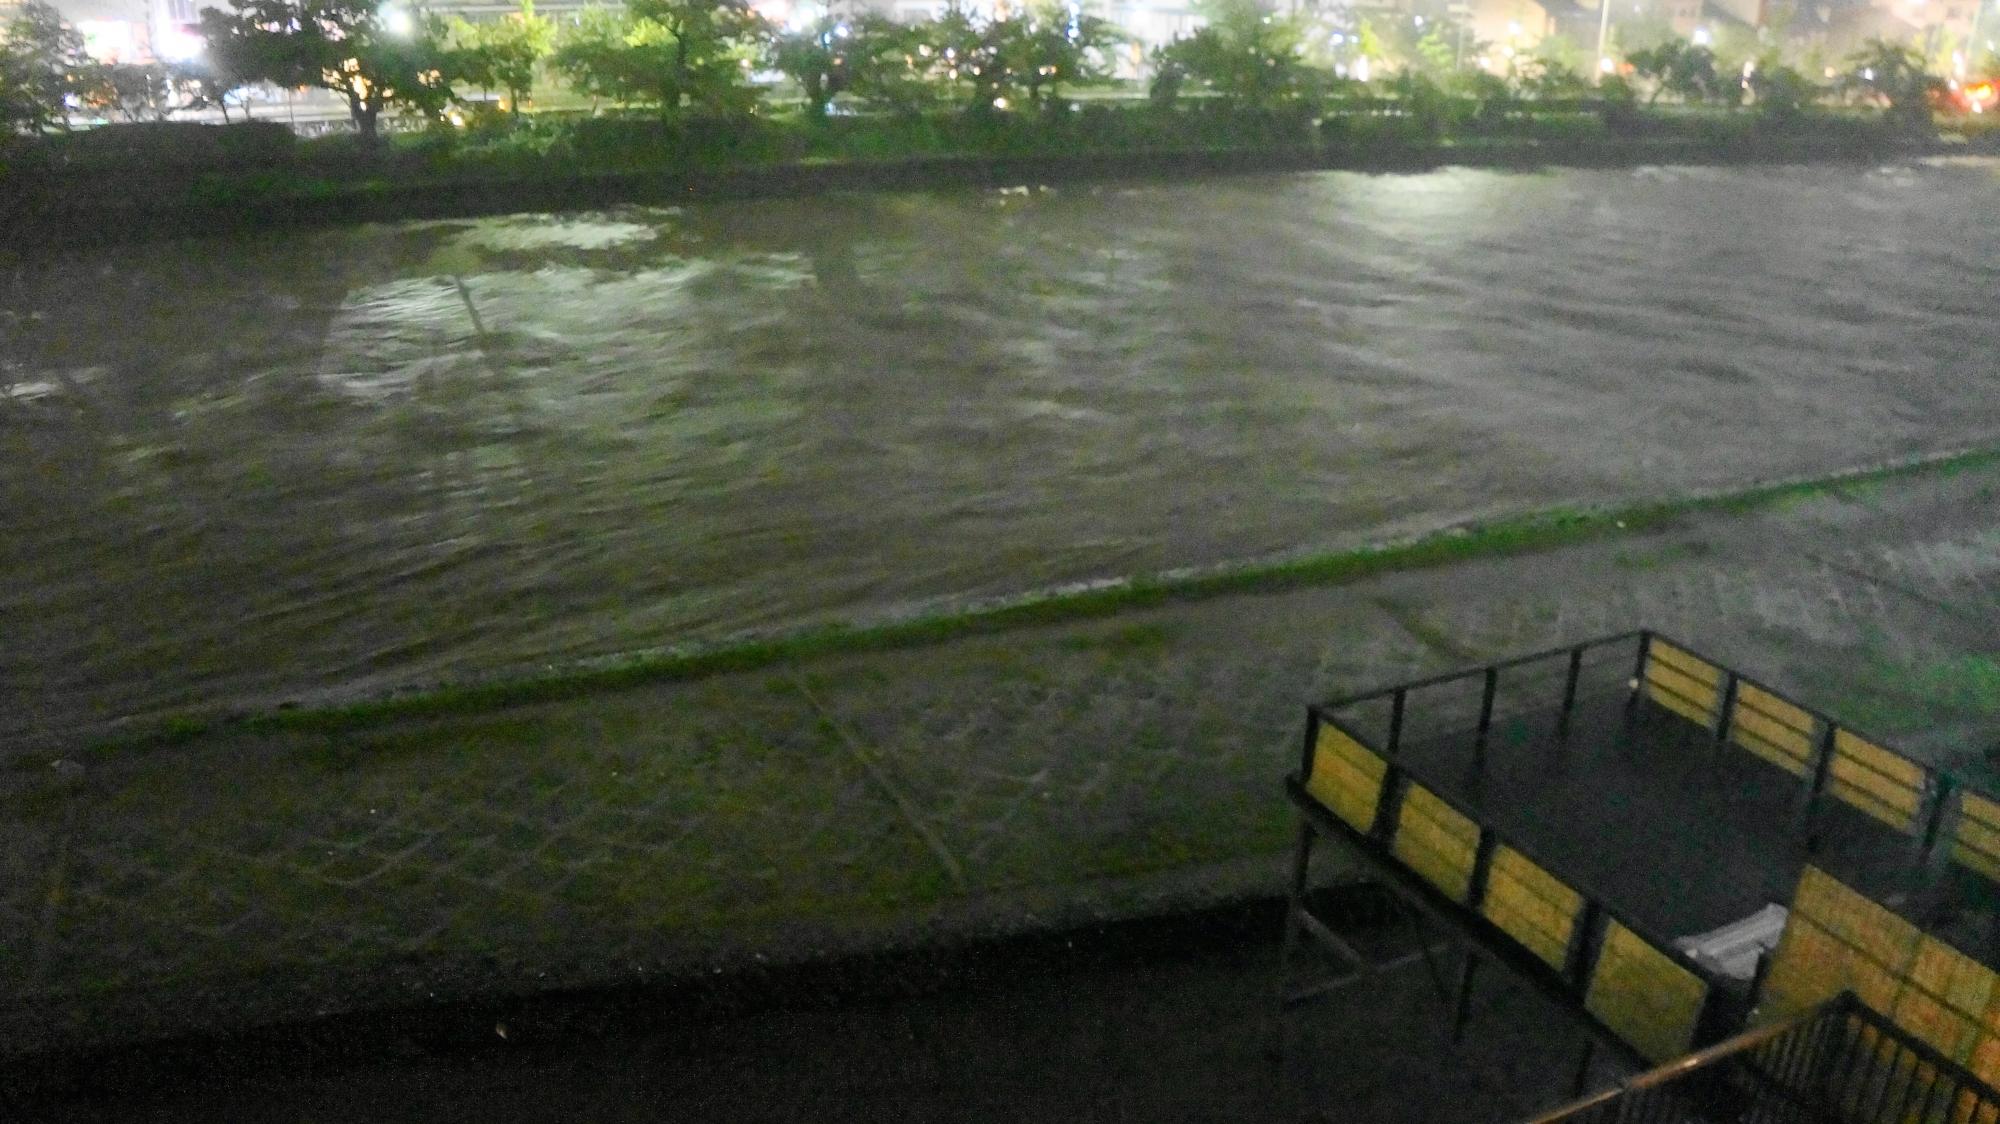 水位がどんどん上昇して行き流れも速い鴨川